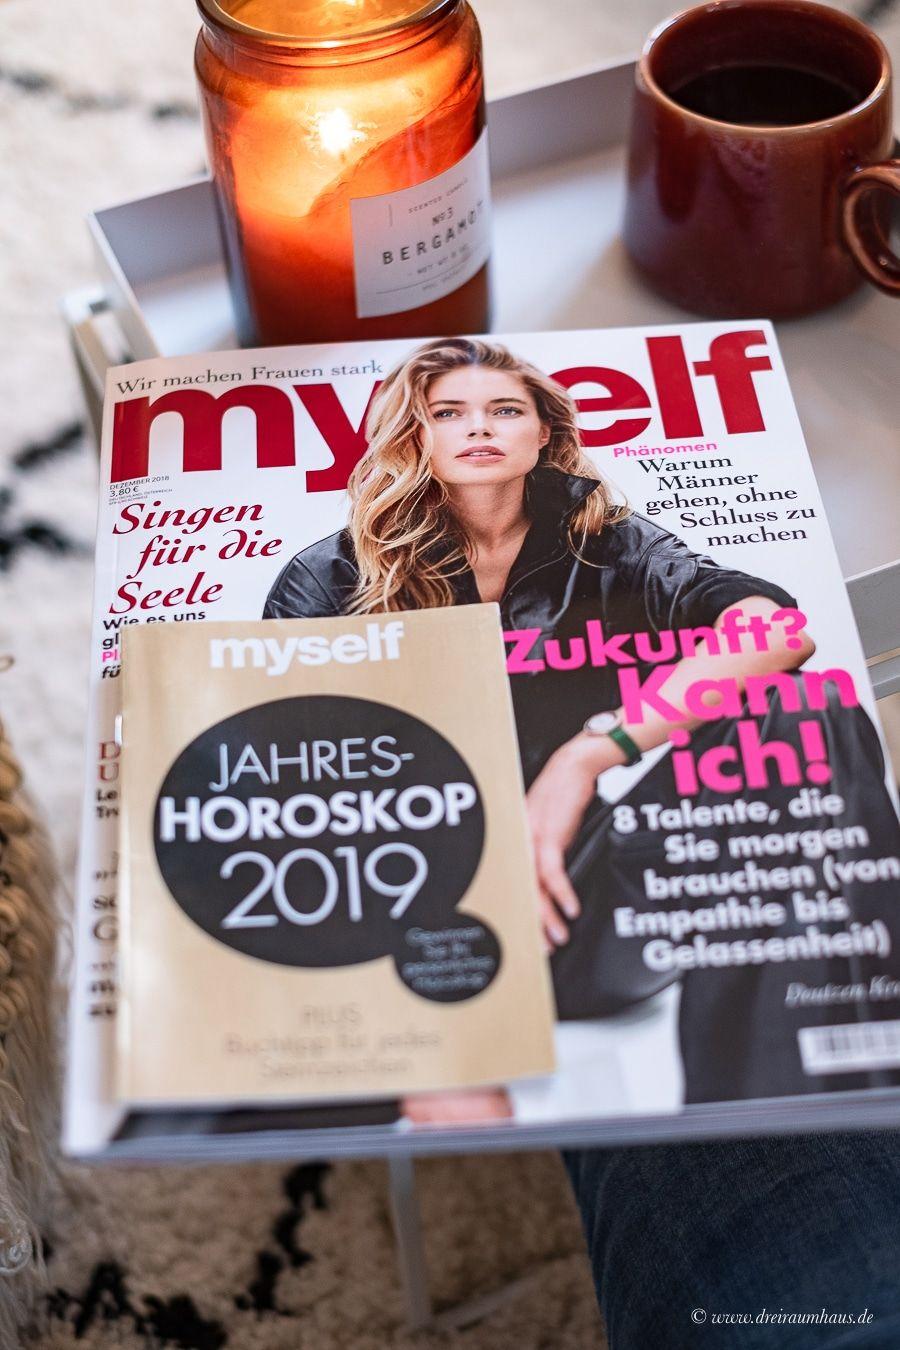 ME, MYSELF and I - Zukunft kann ich....die Stärke der Frauen! myself Magazin